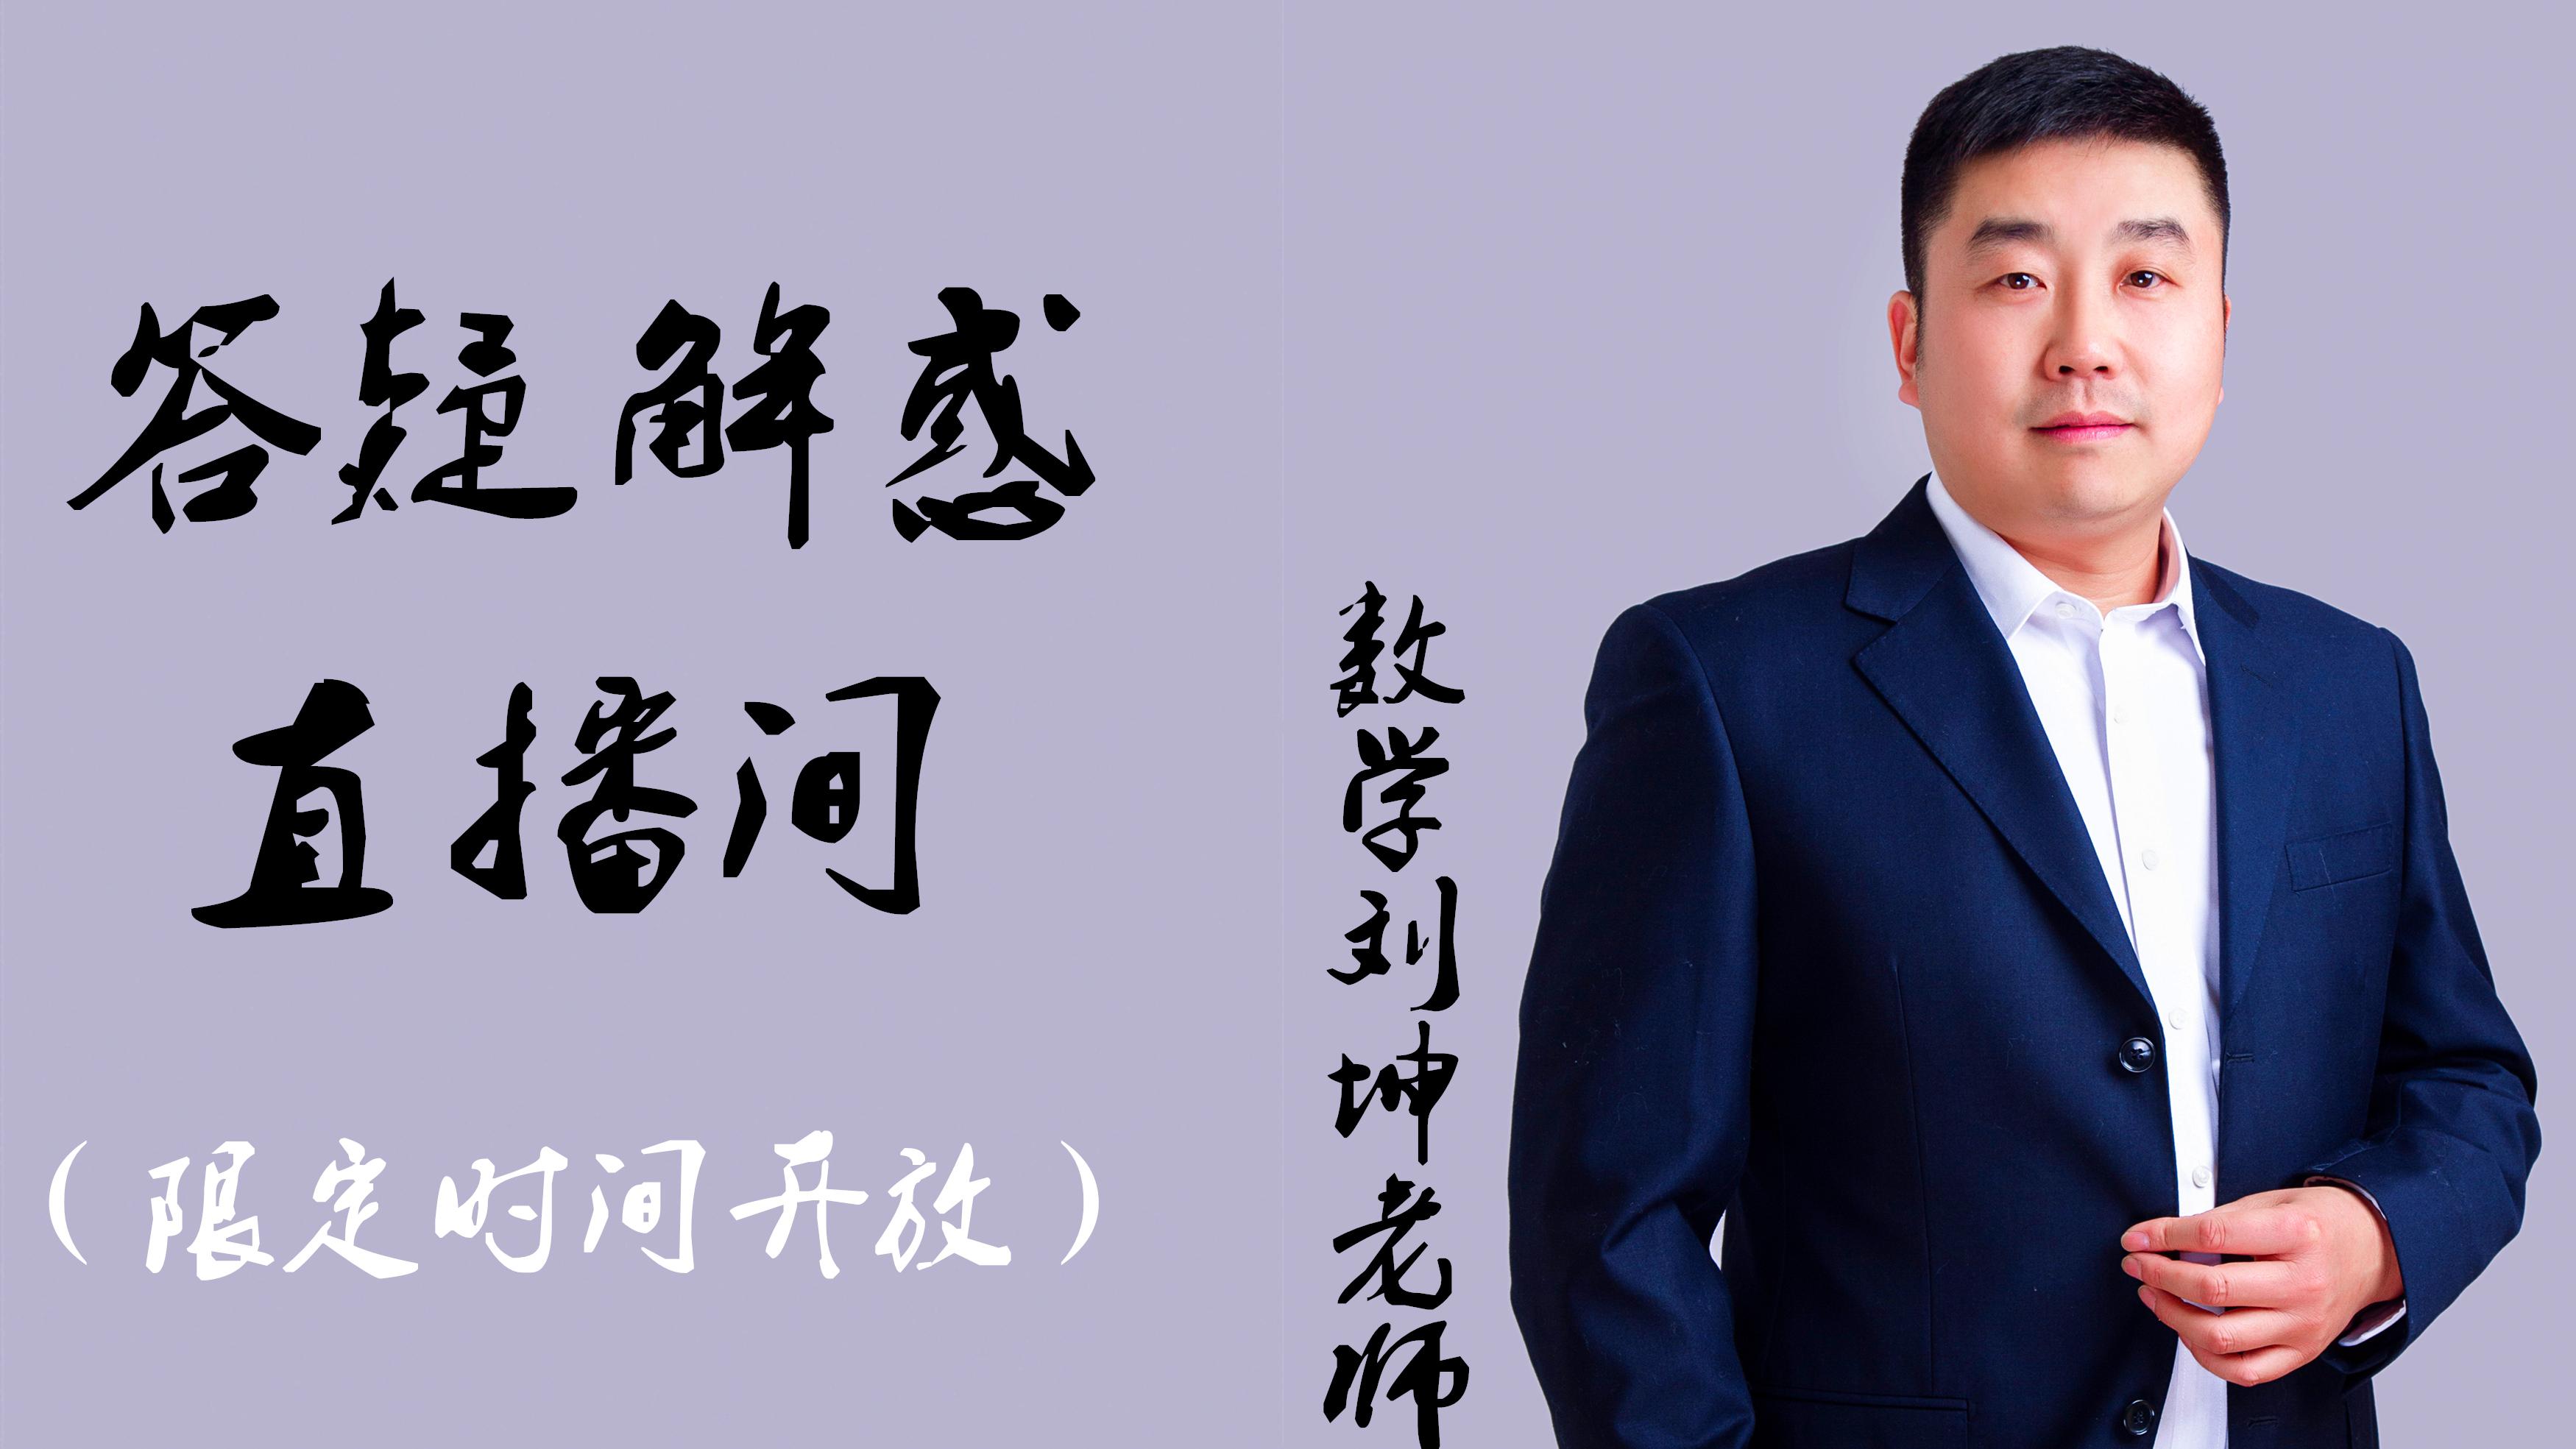 刘坤老师答疑解惑直播间